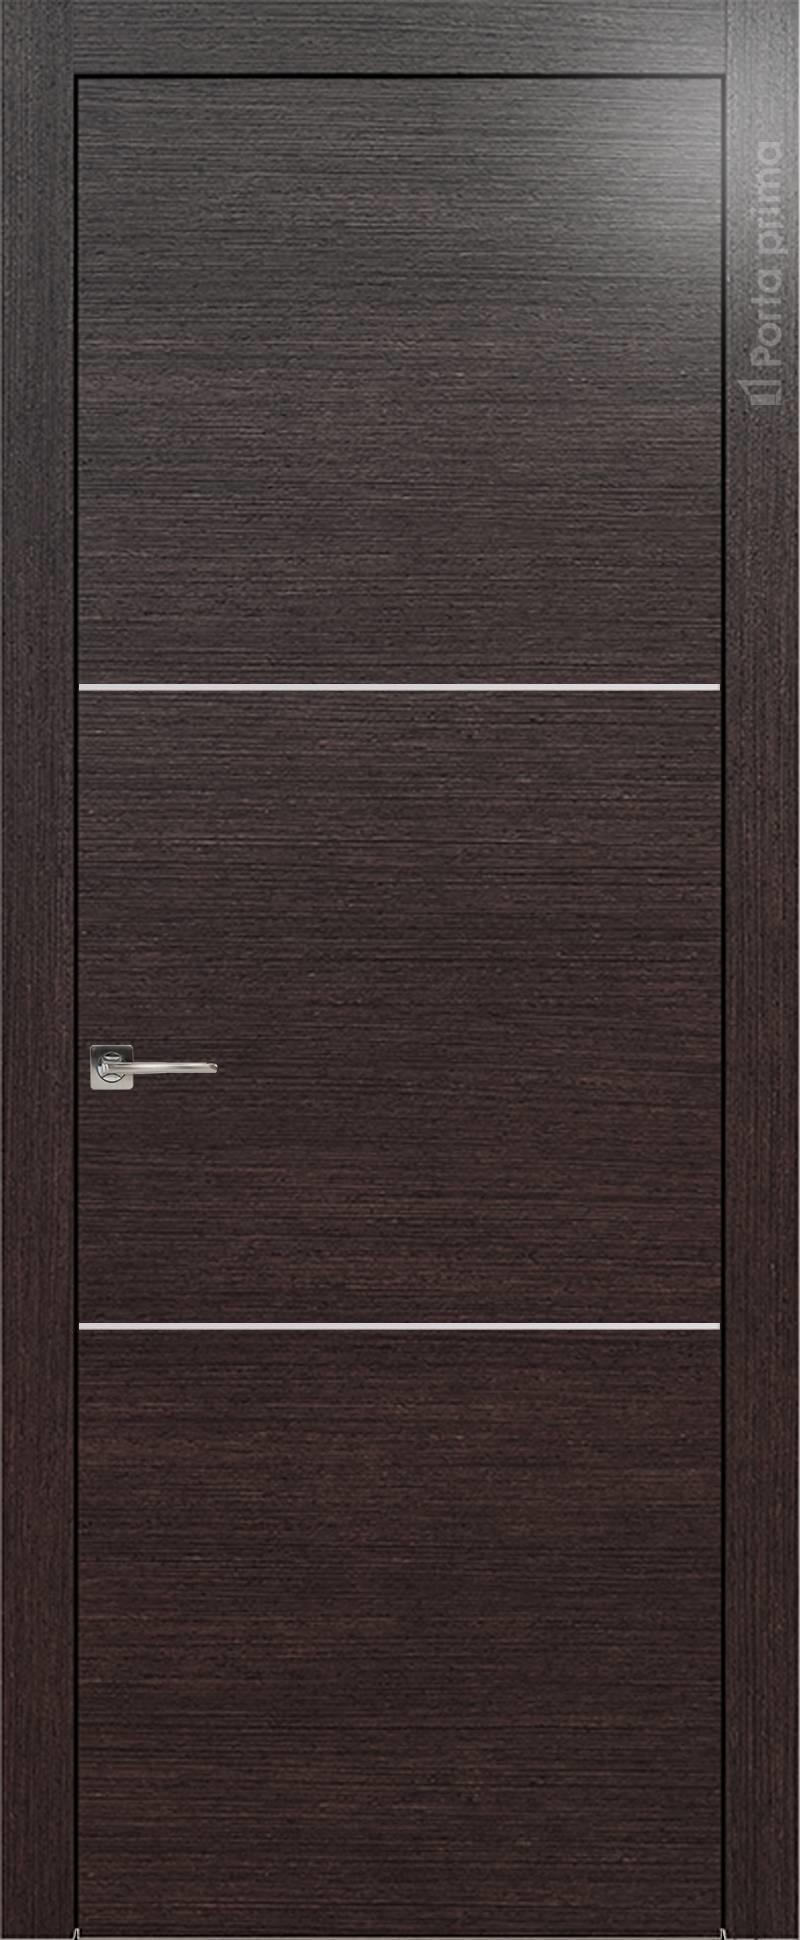 Tivoli В-3 цвет - Венге Шоколад Без стекла (ДГ)